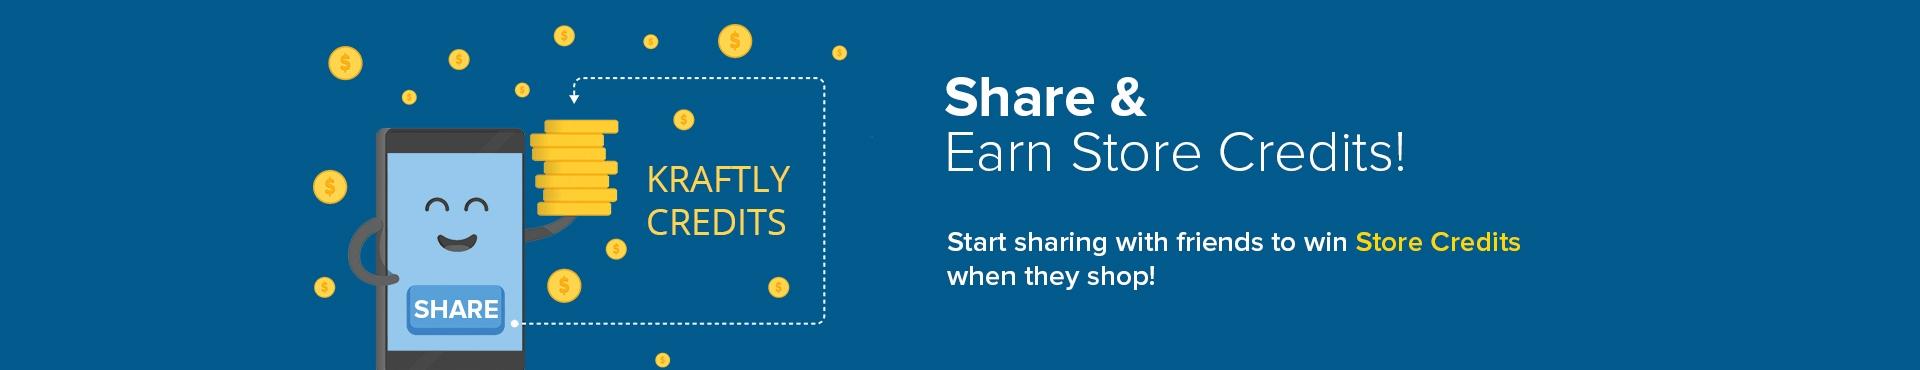 share earn